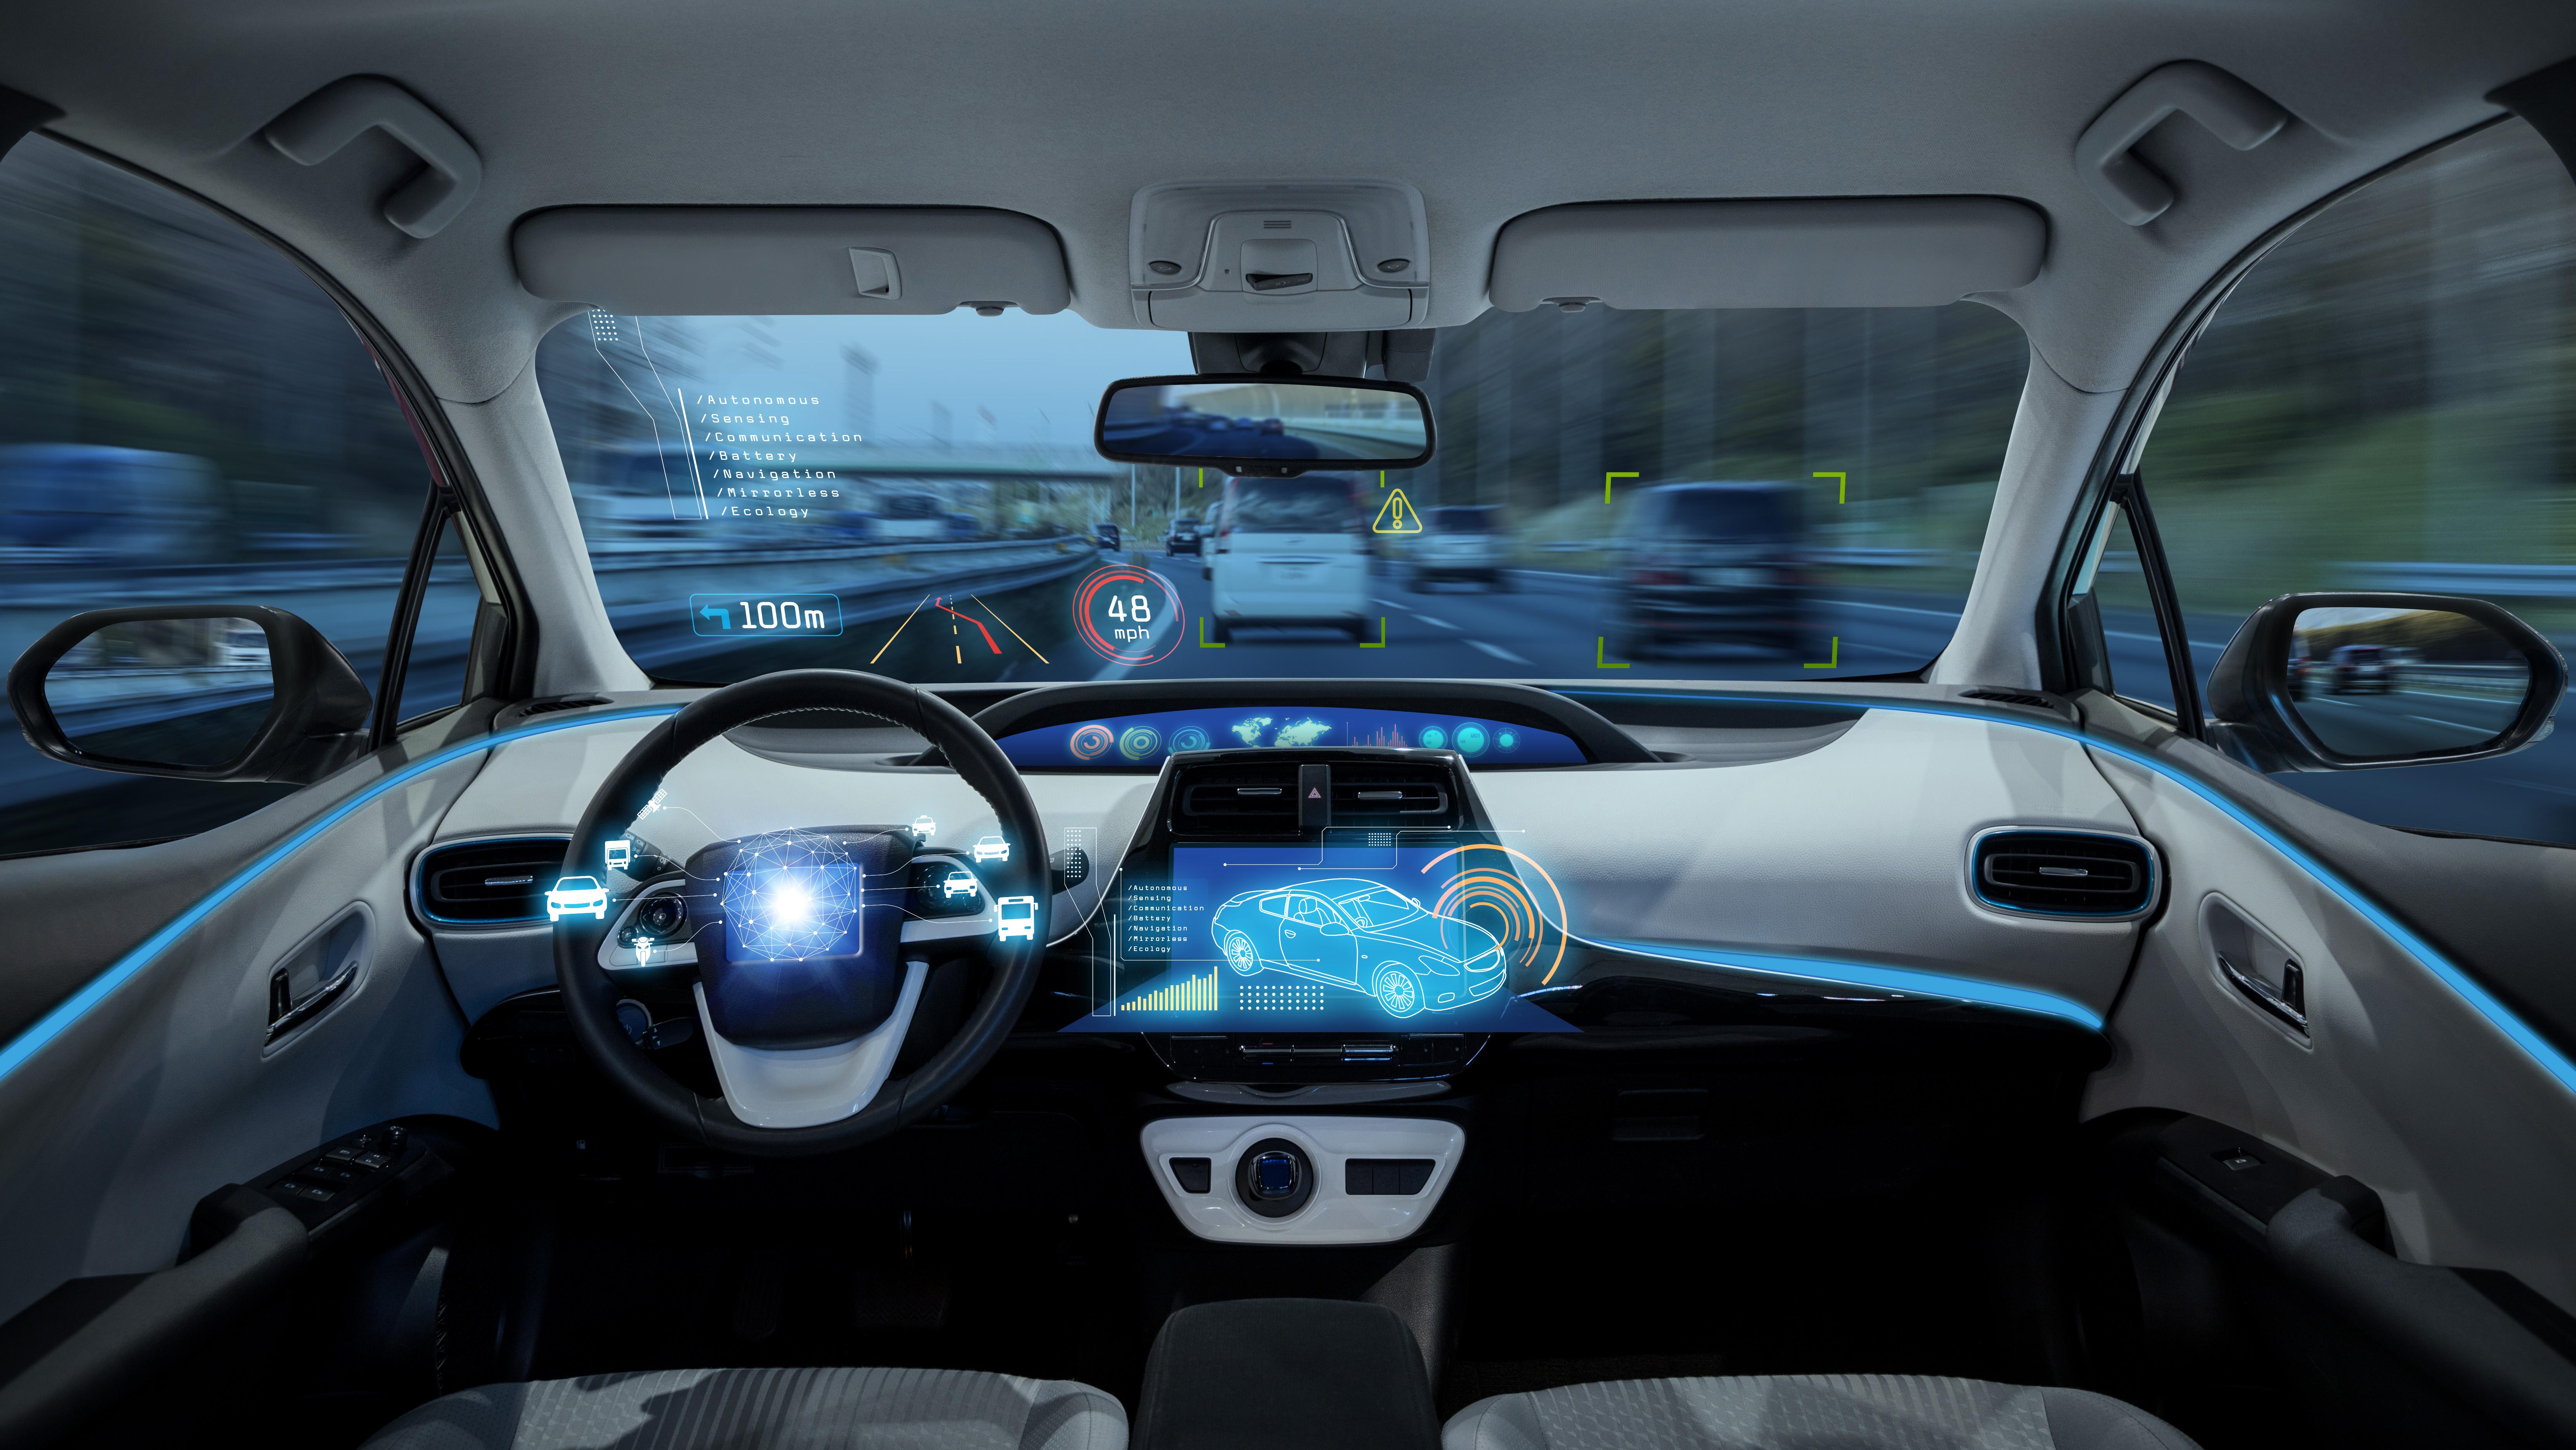 The inside of an autonomous vehicle.